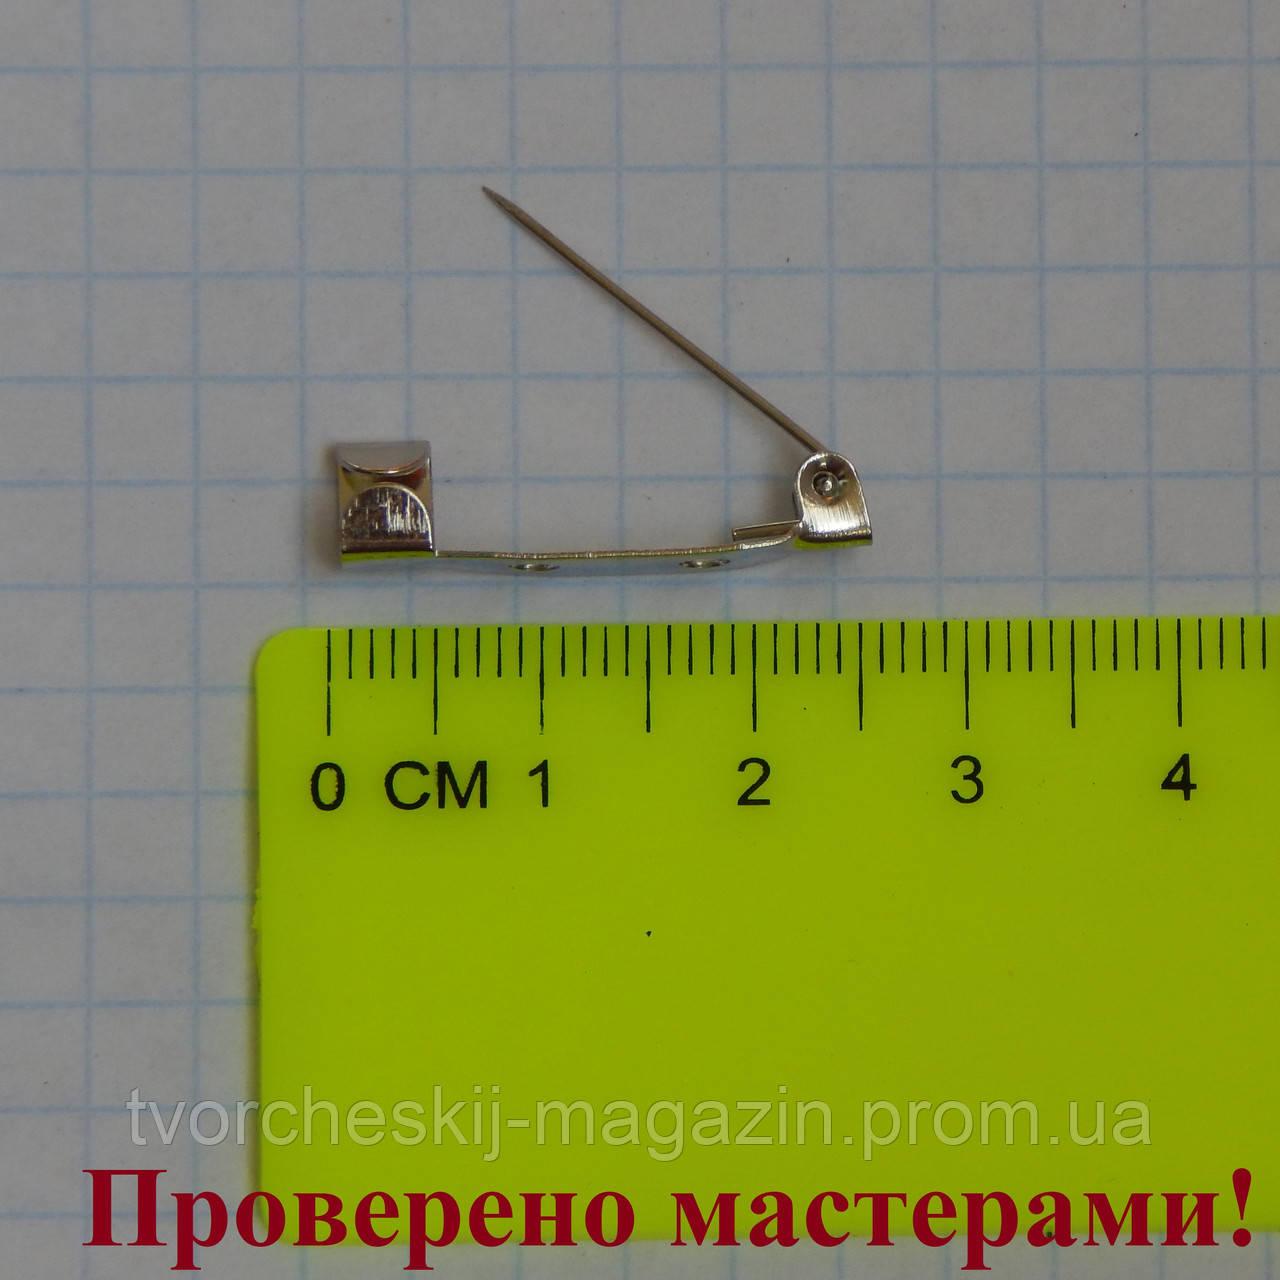 Основа для броши, 25 мм, цвет: серебро